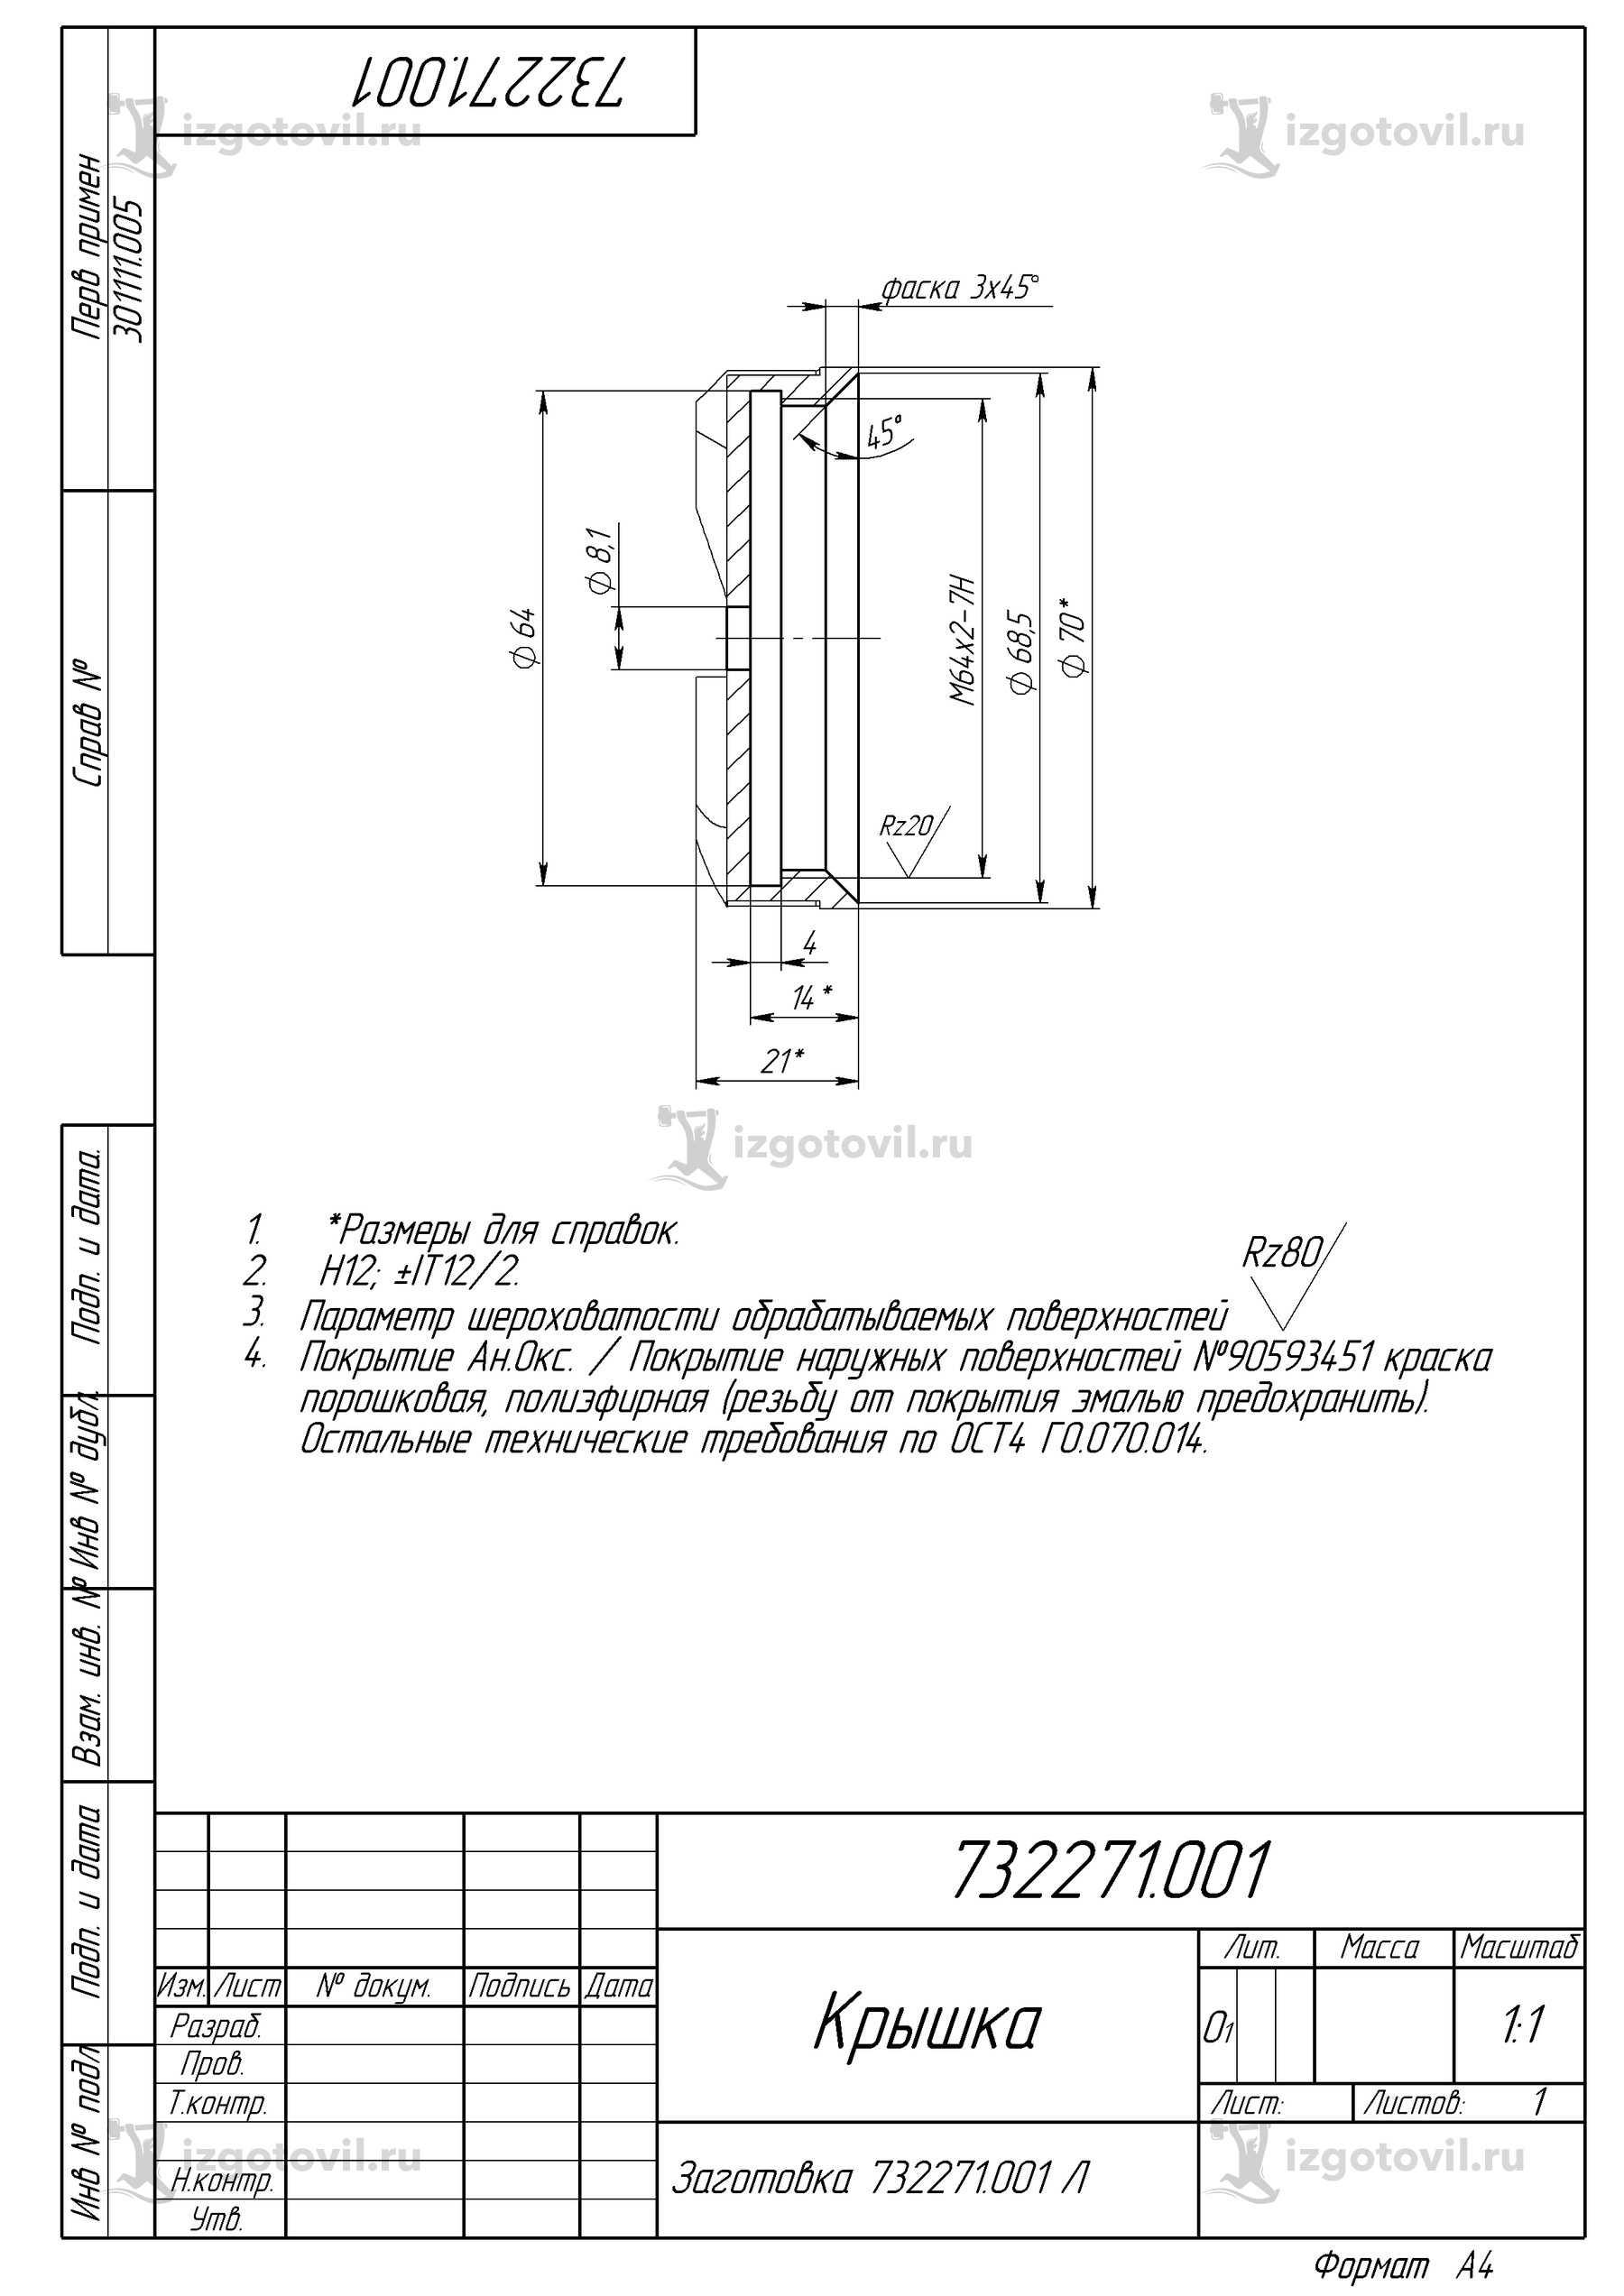 Изготовление деталей по чертежам (алюминиевый корпус).